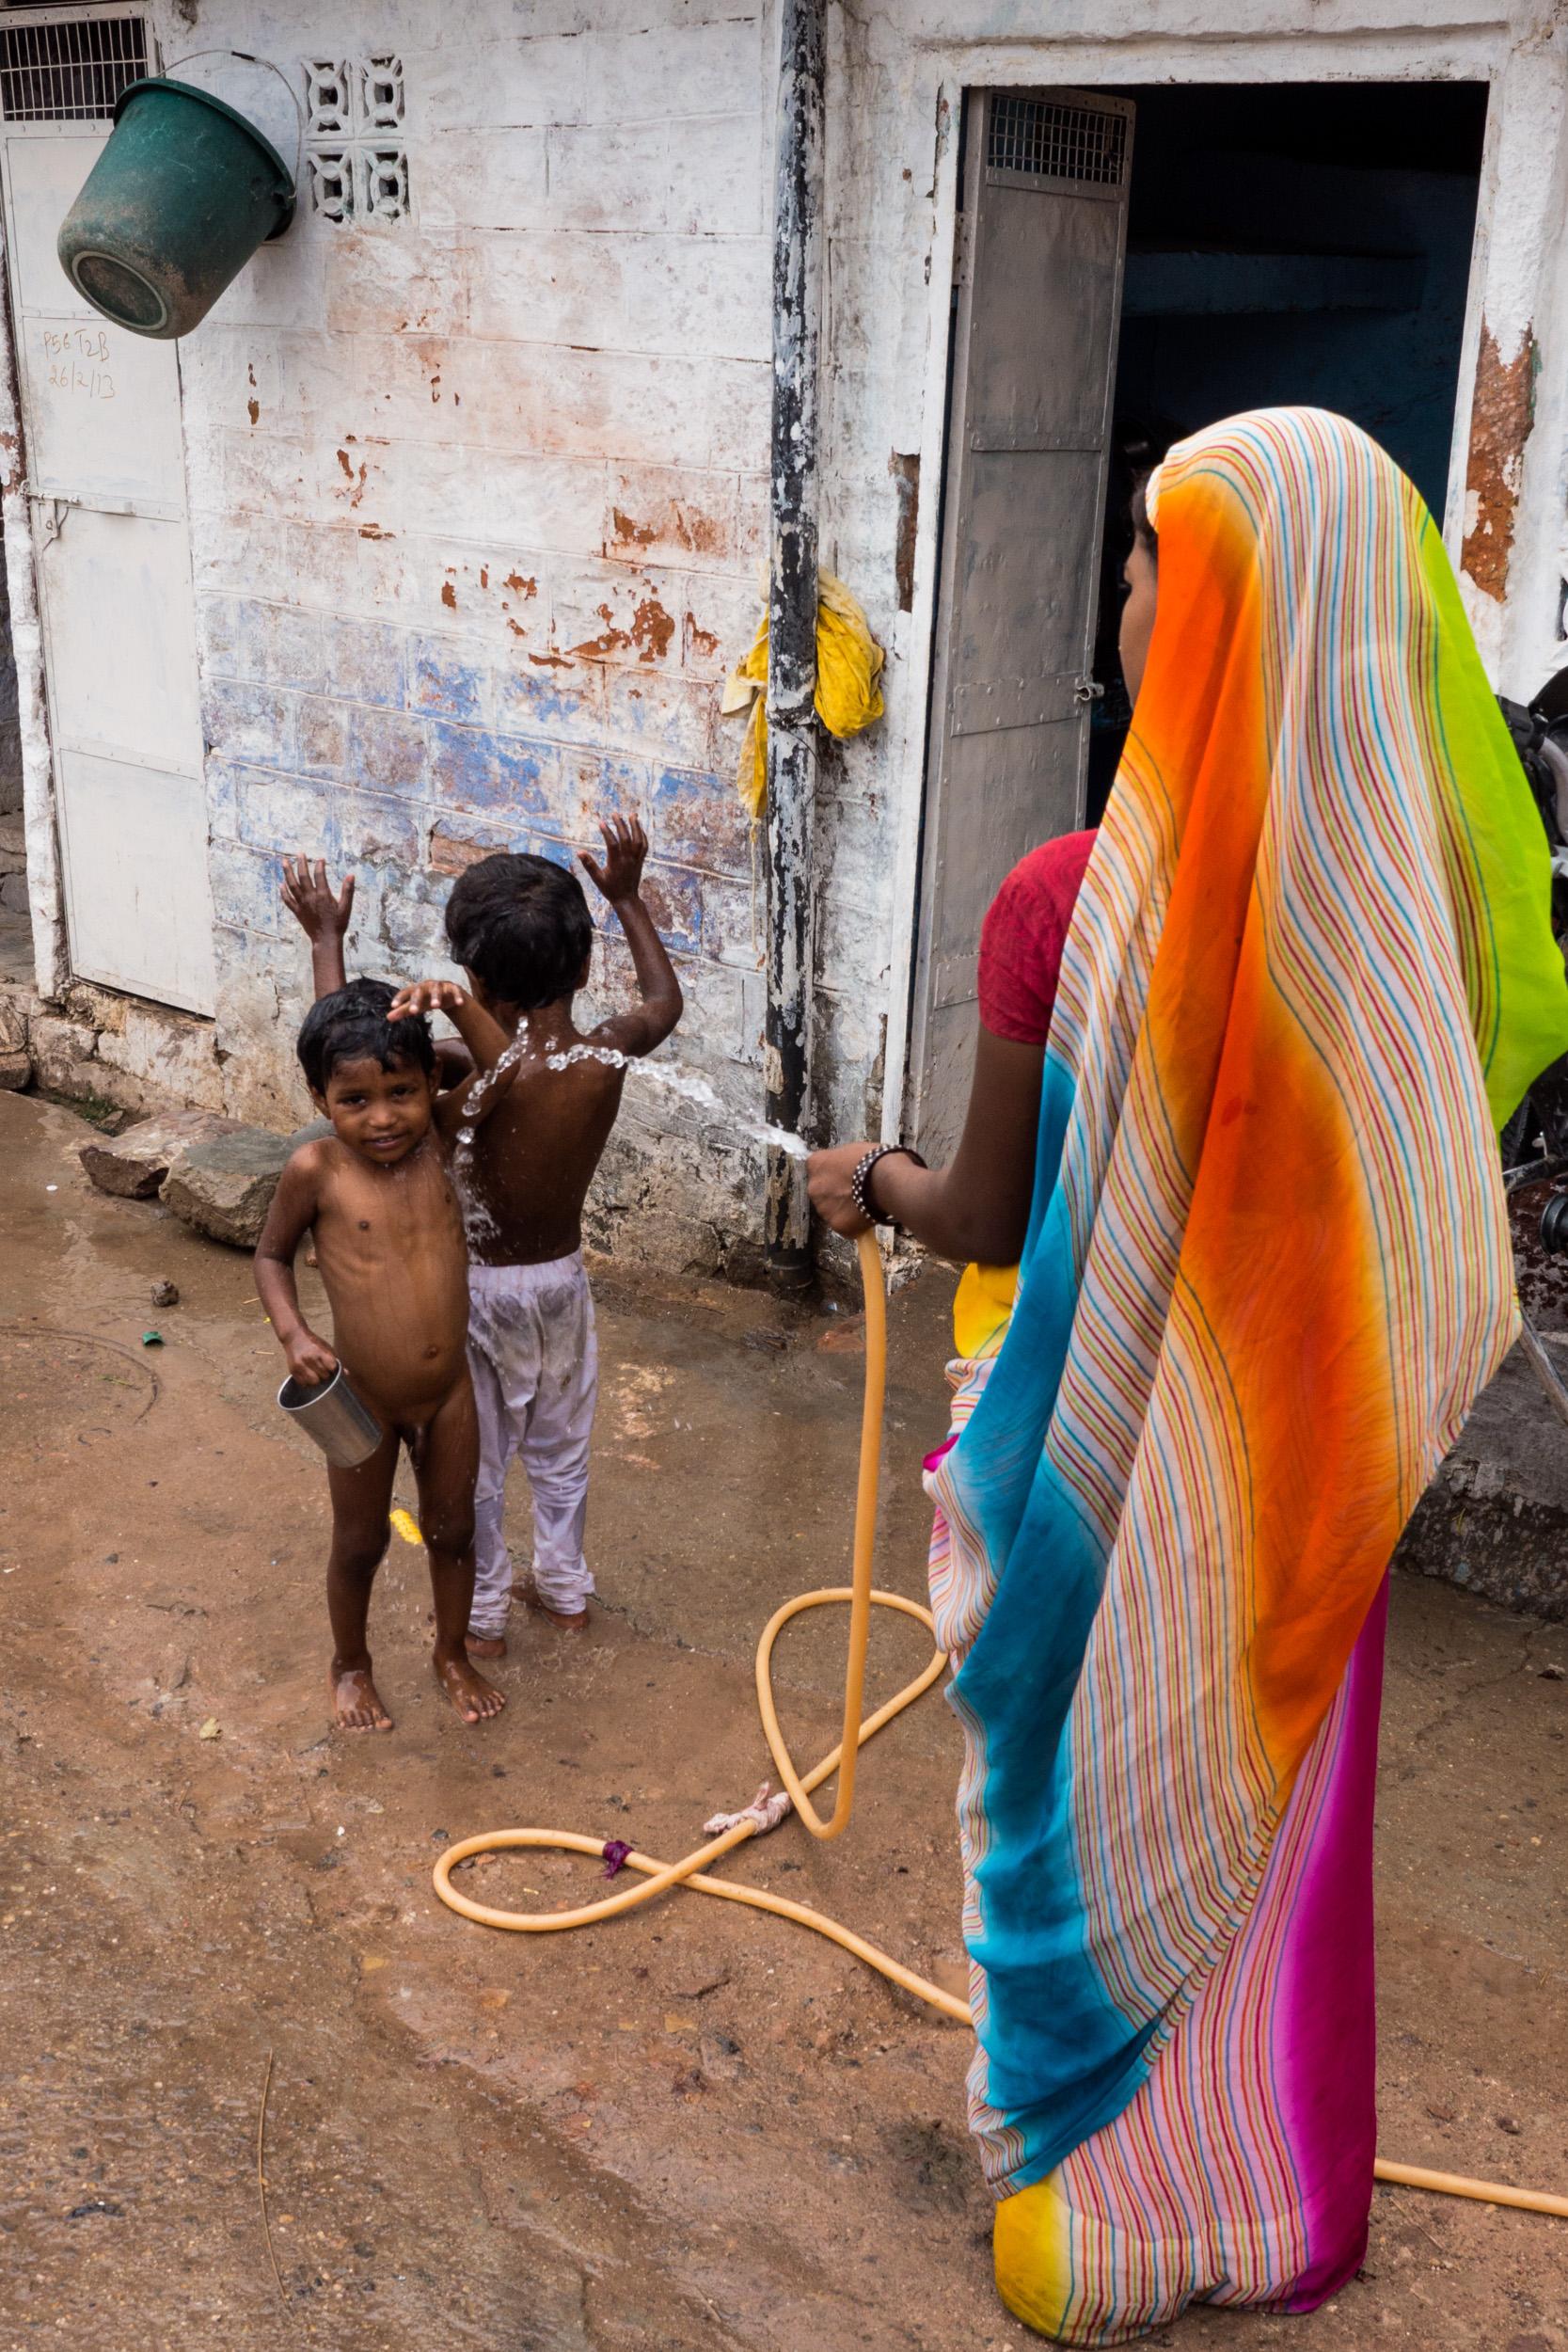 _20 Woman In Sari Spraying water at kids Jodhpur.jpg